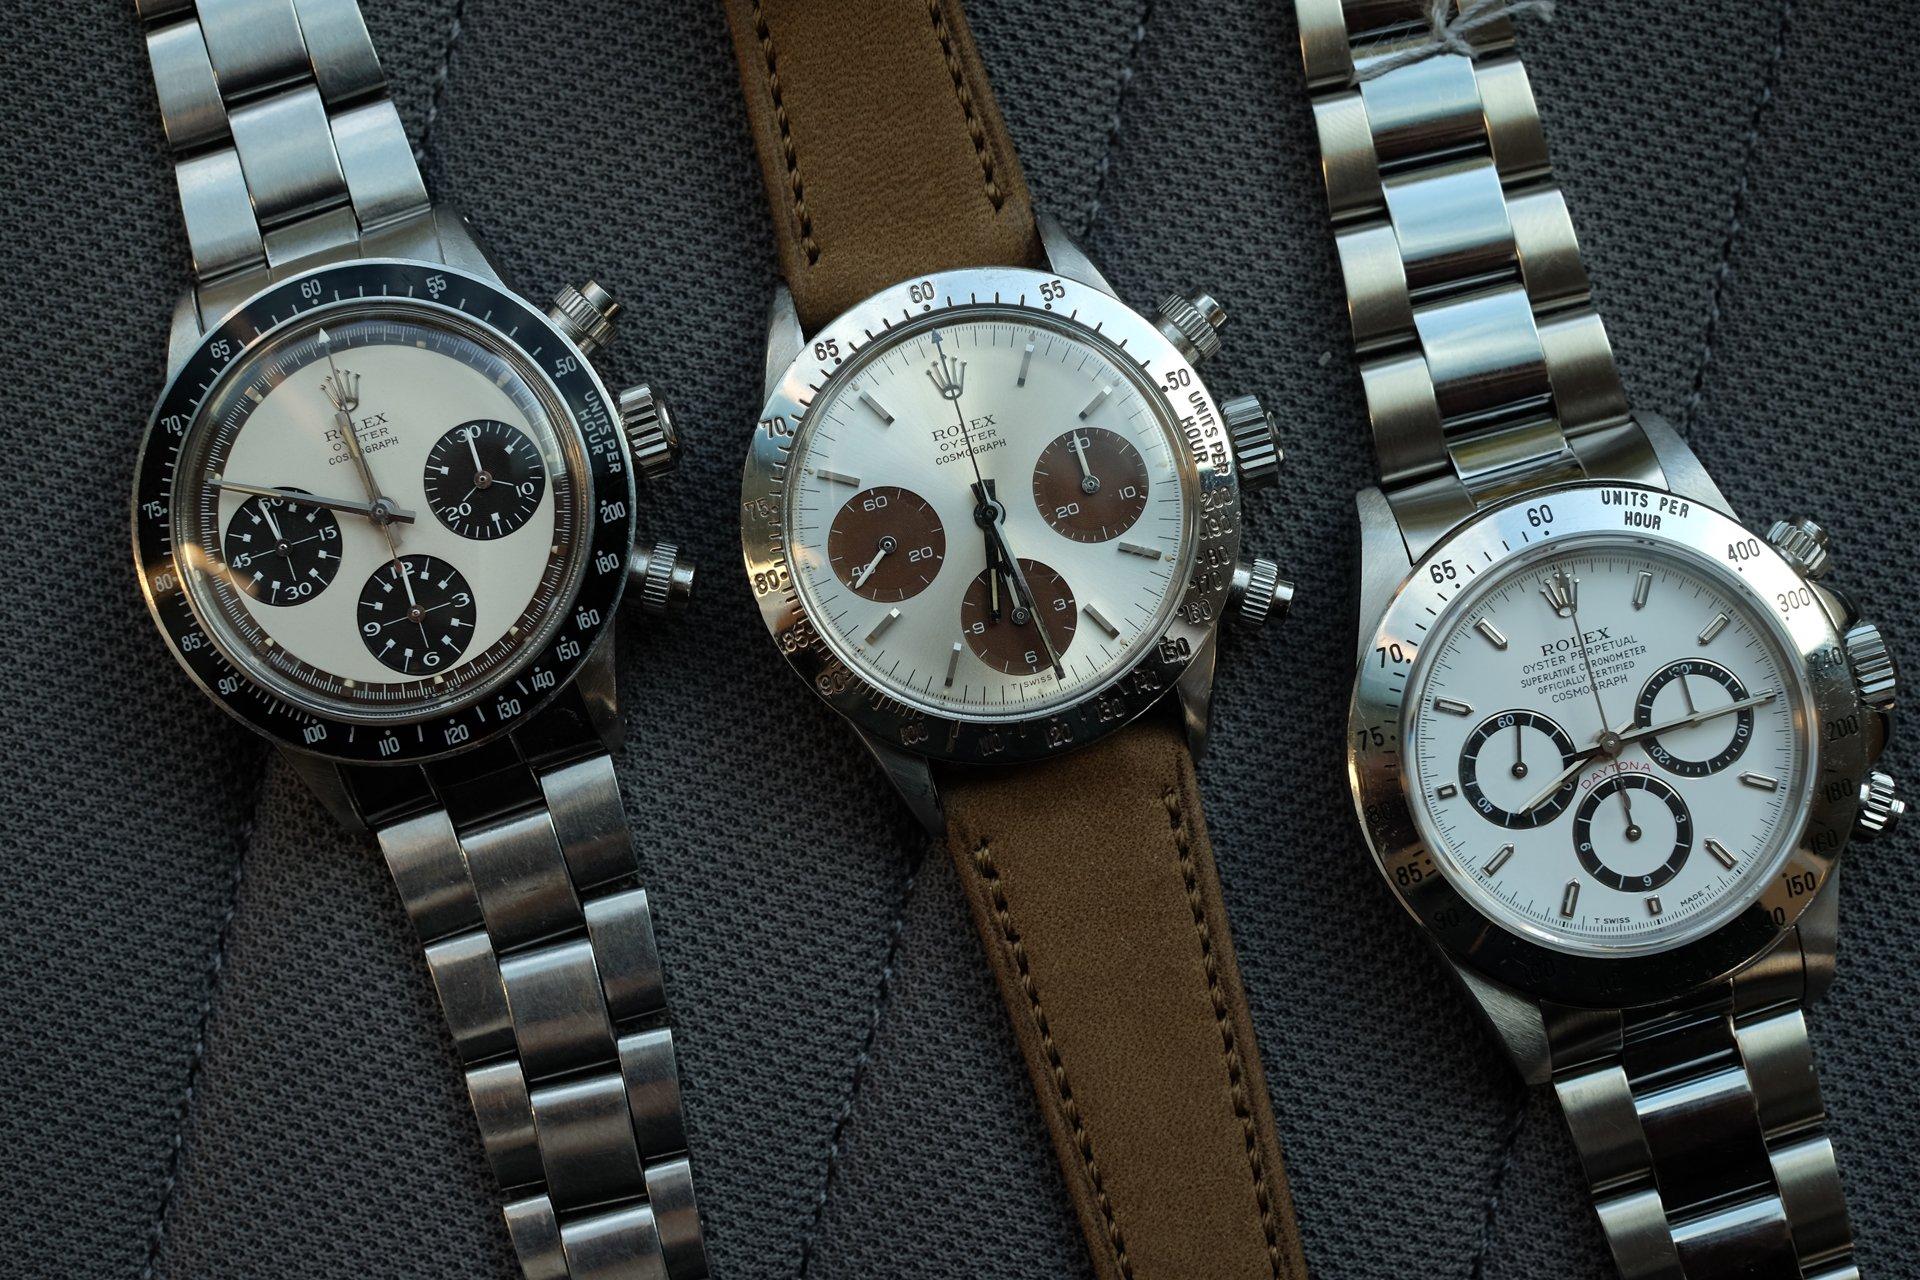 5 siêu phẩm đồng hồ Rolex có mặt trong buổi đấu giá tại Philip